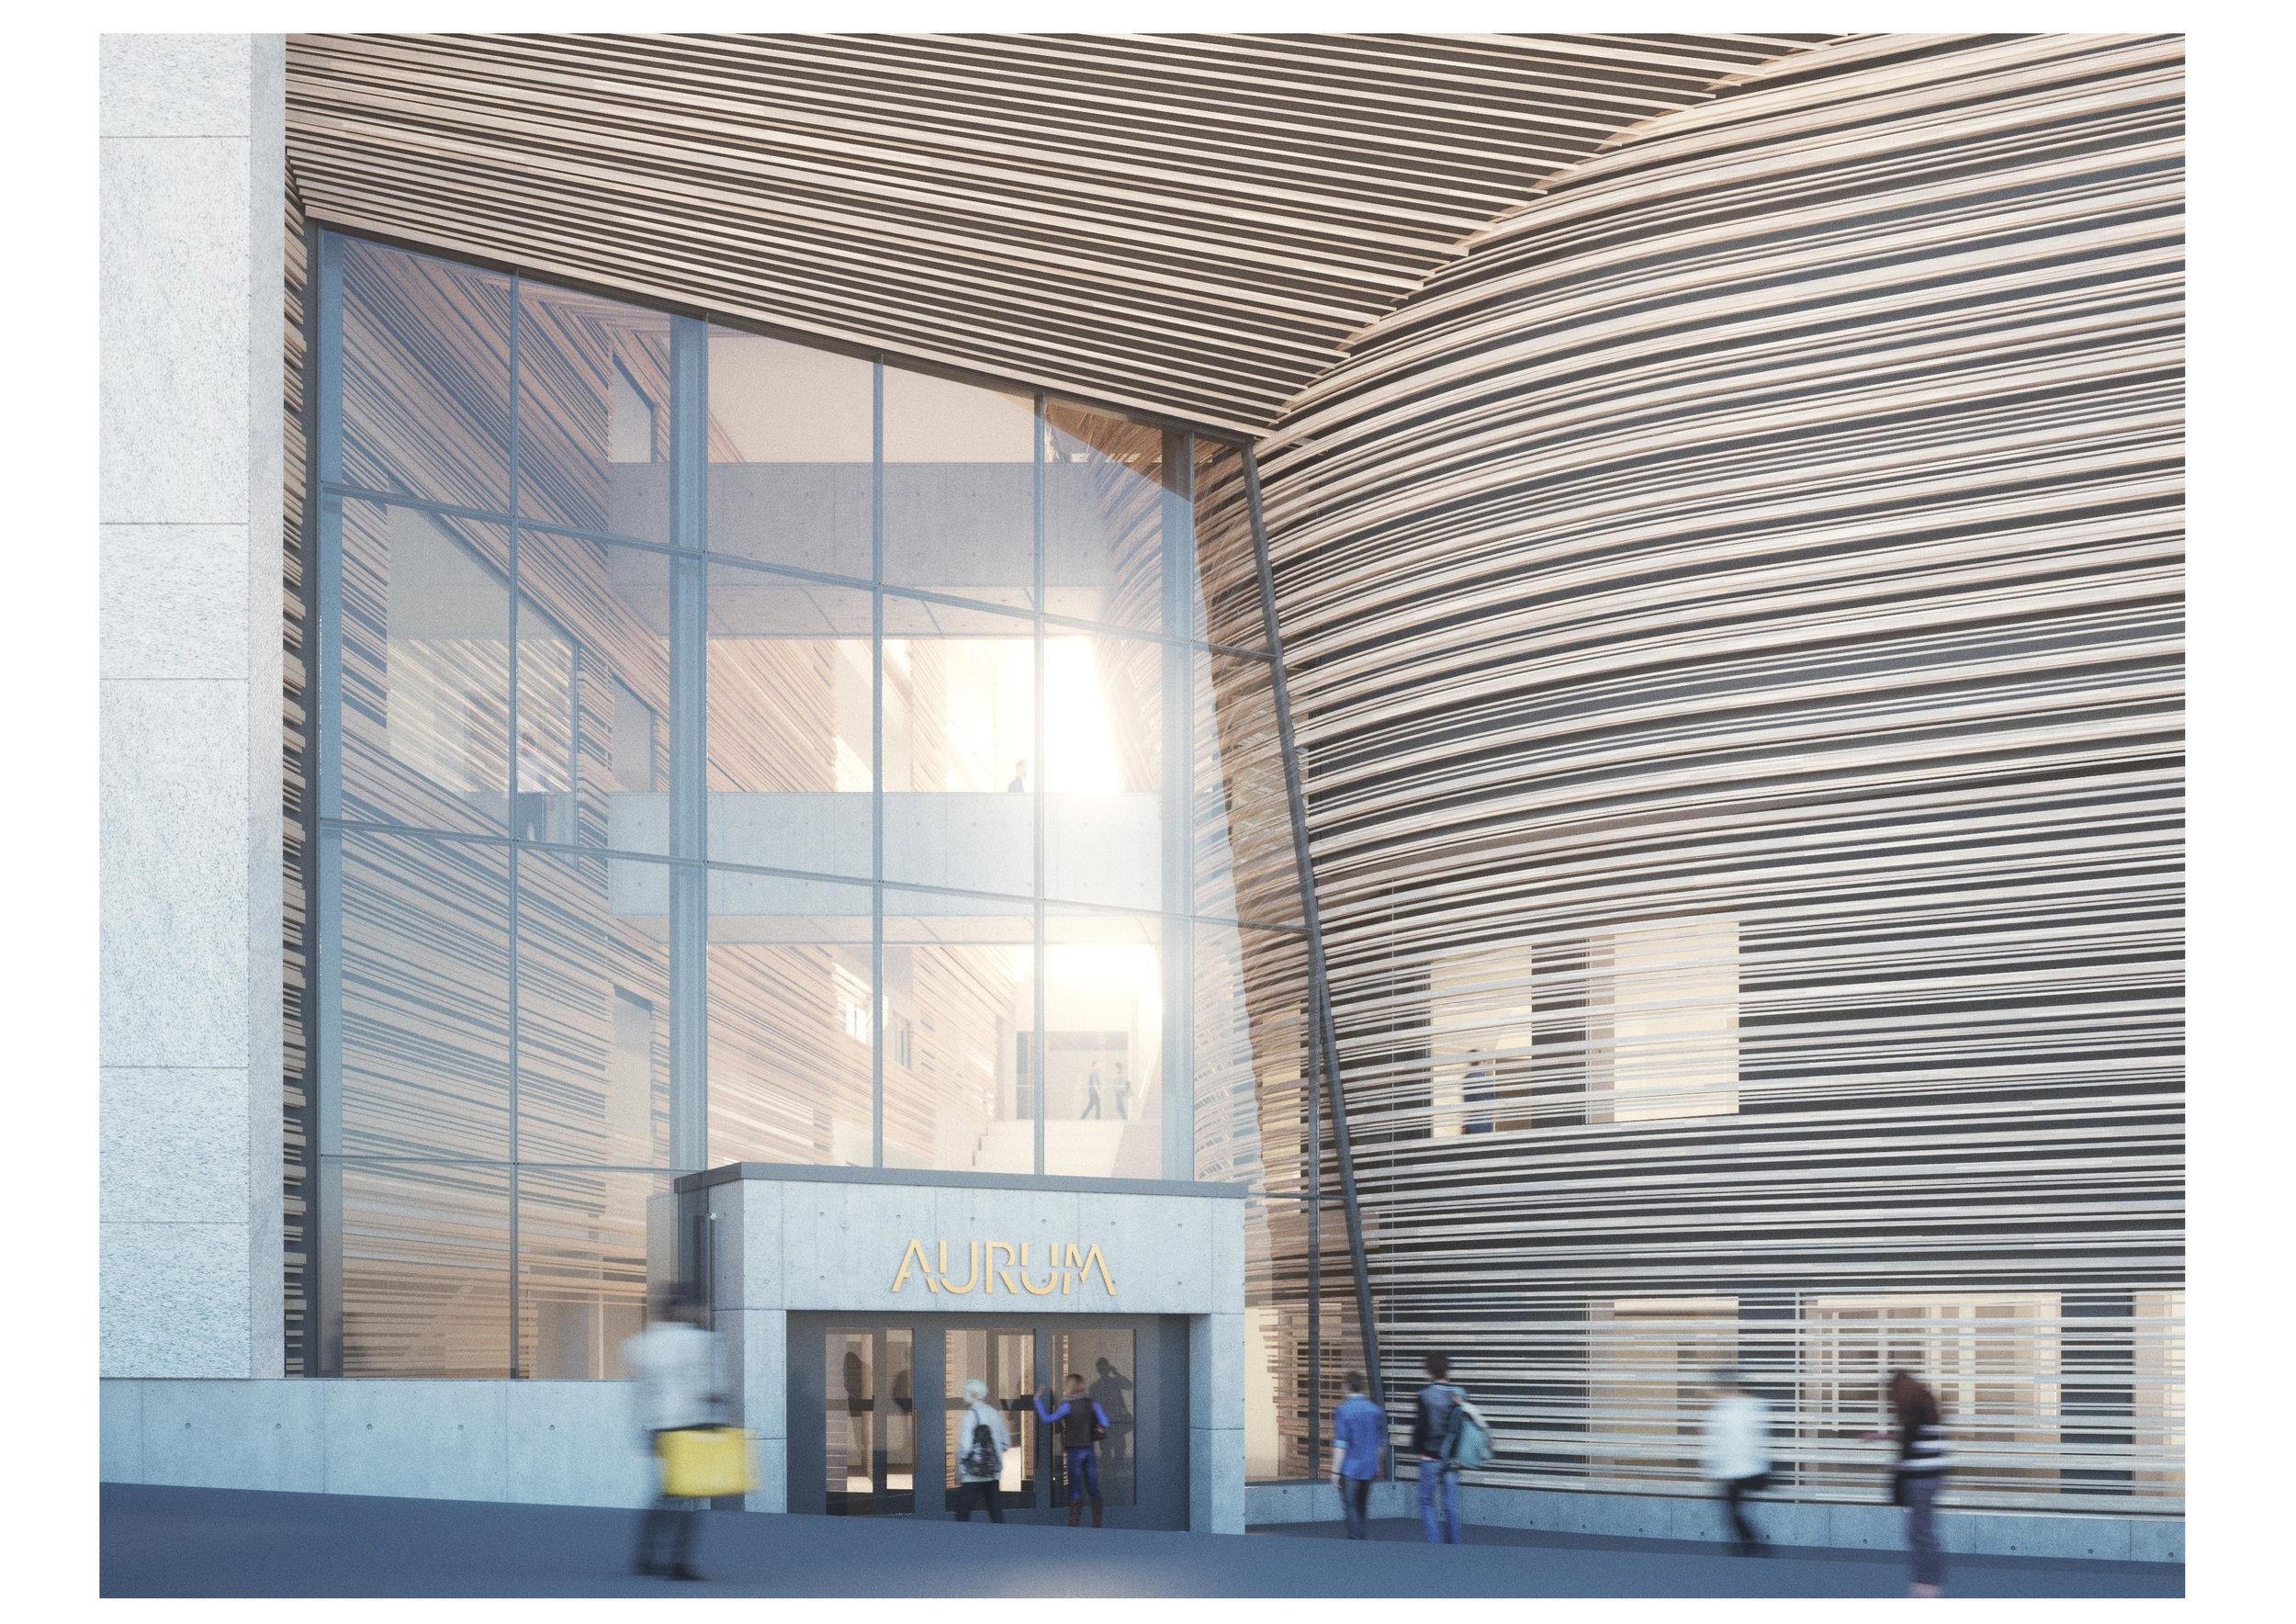 Aurum rakennuksen on suunnitellut  Aihio Arkkitehdit Oy.